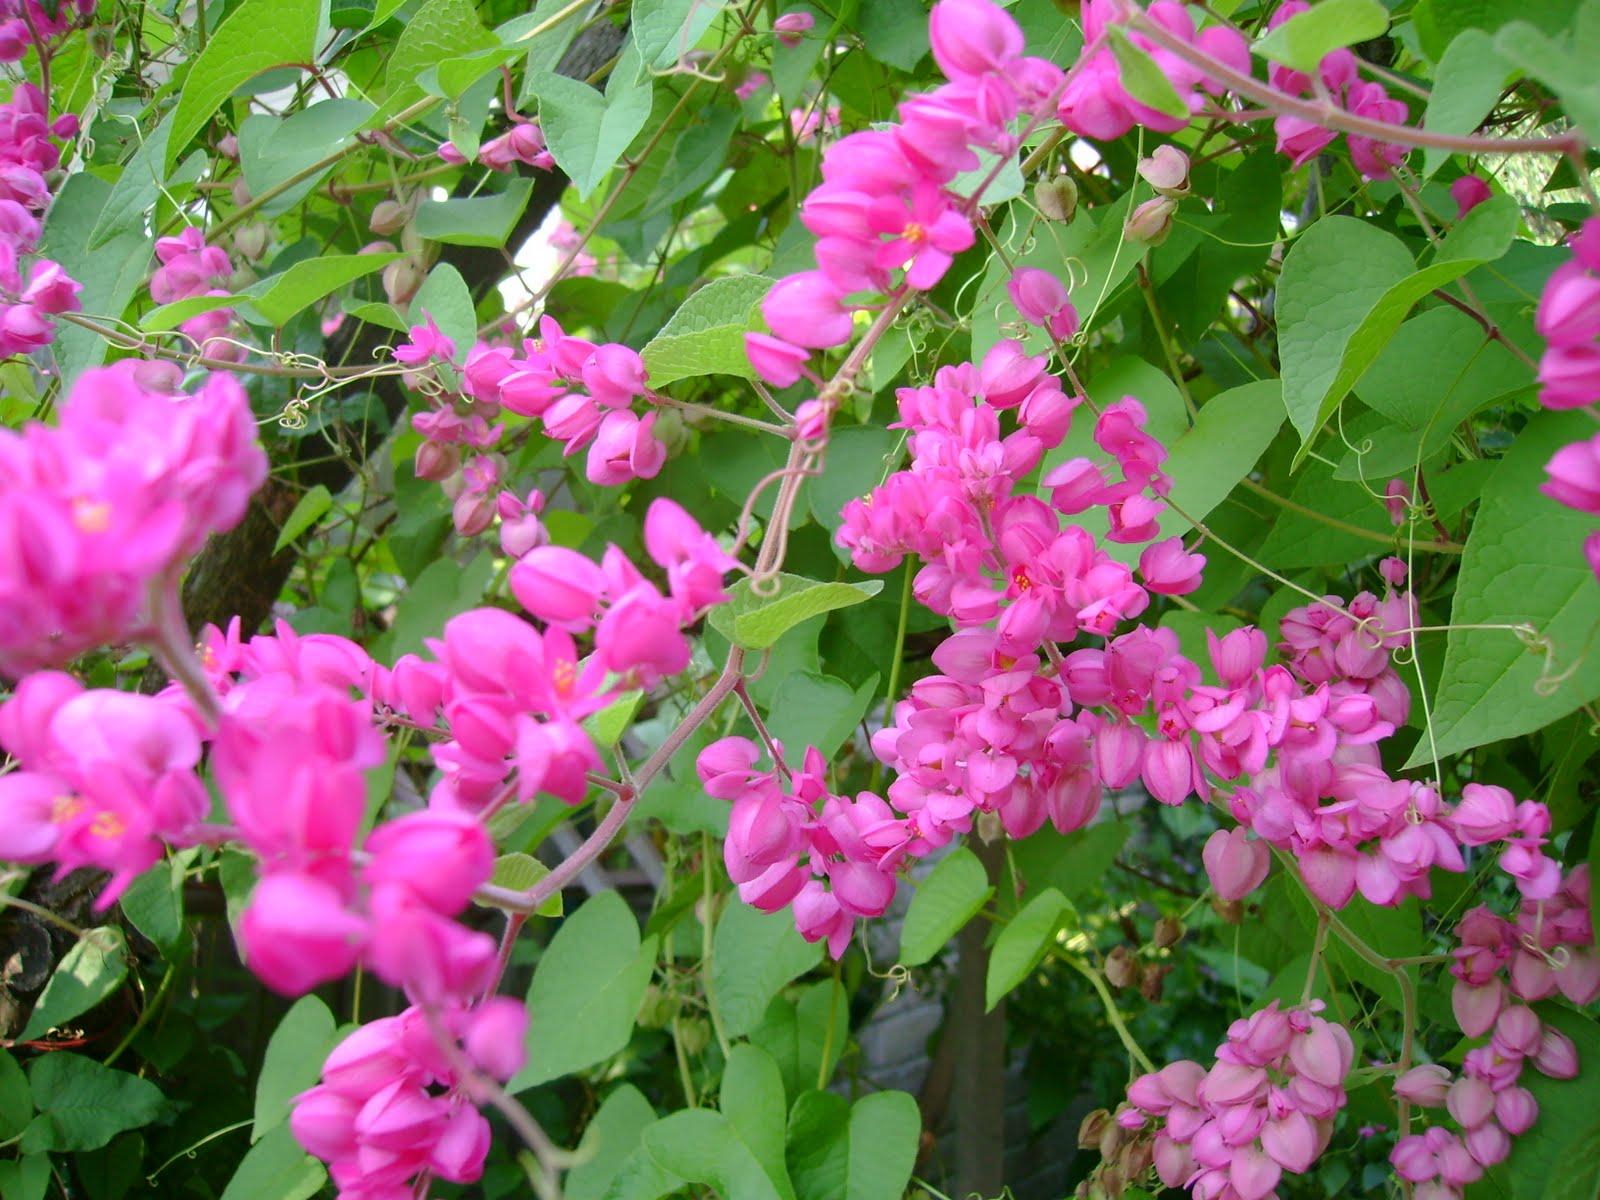 Ngâm thơ cùng hoa Tigon